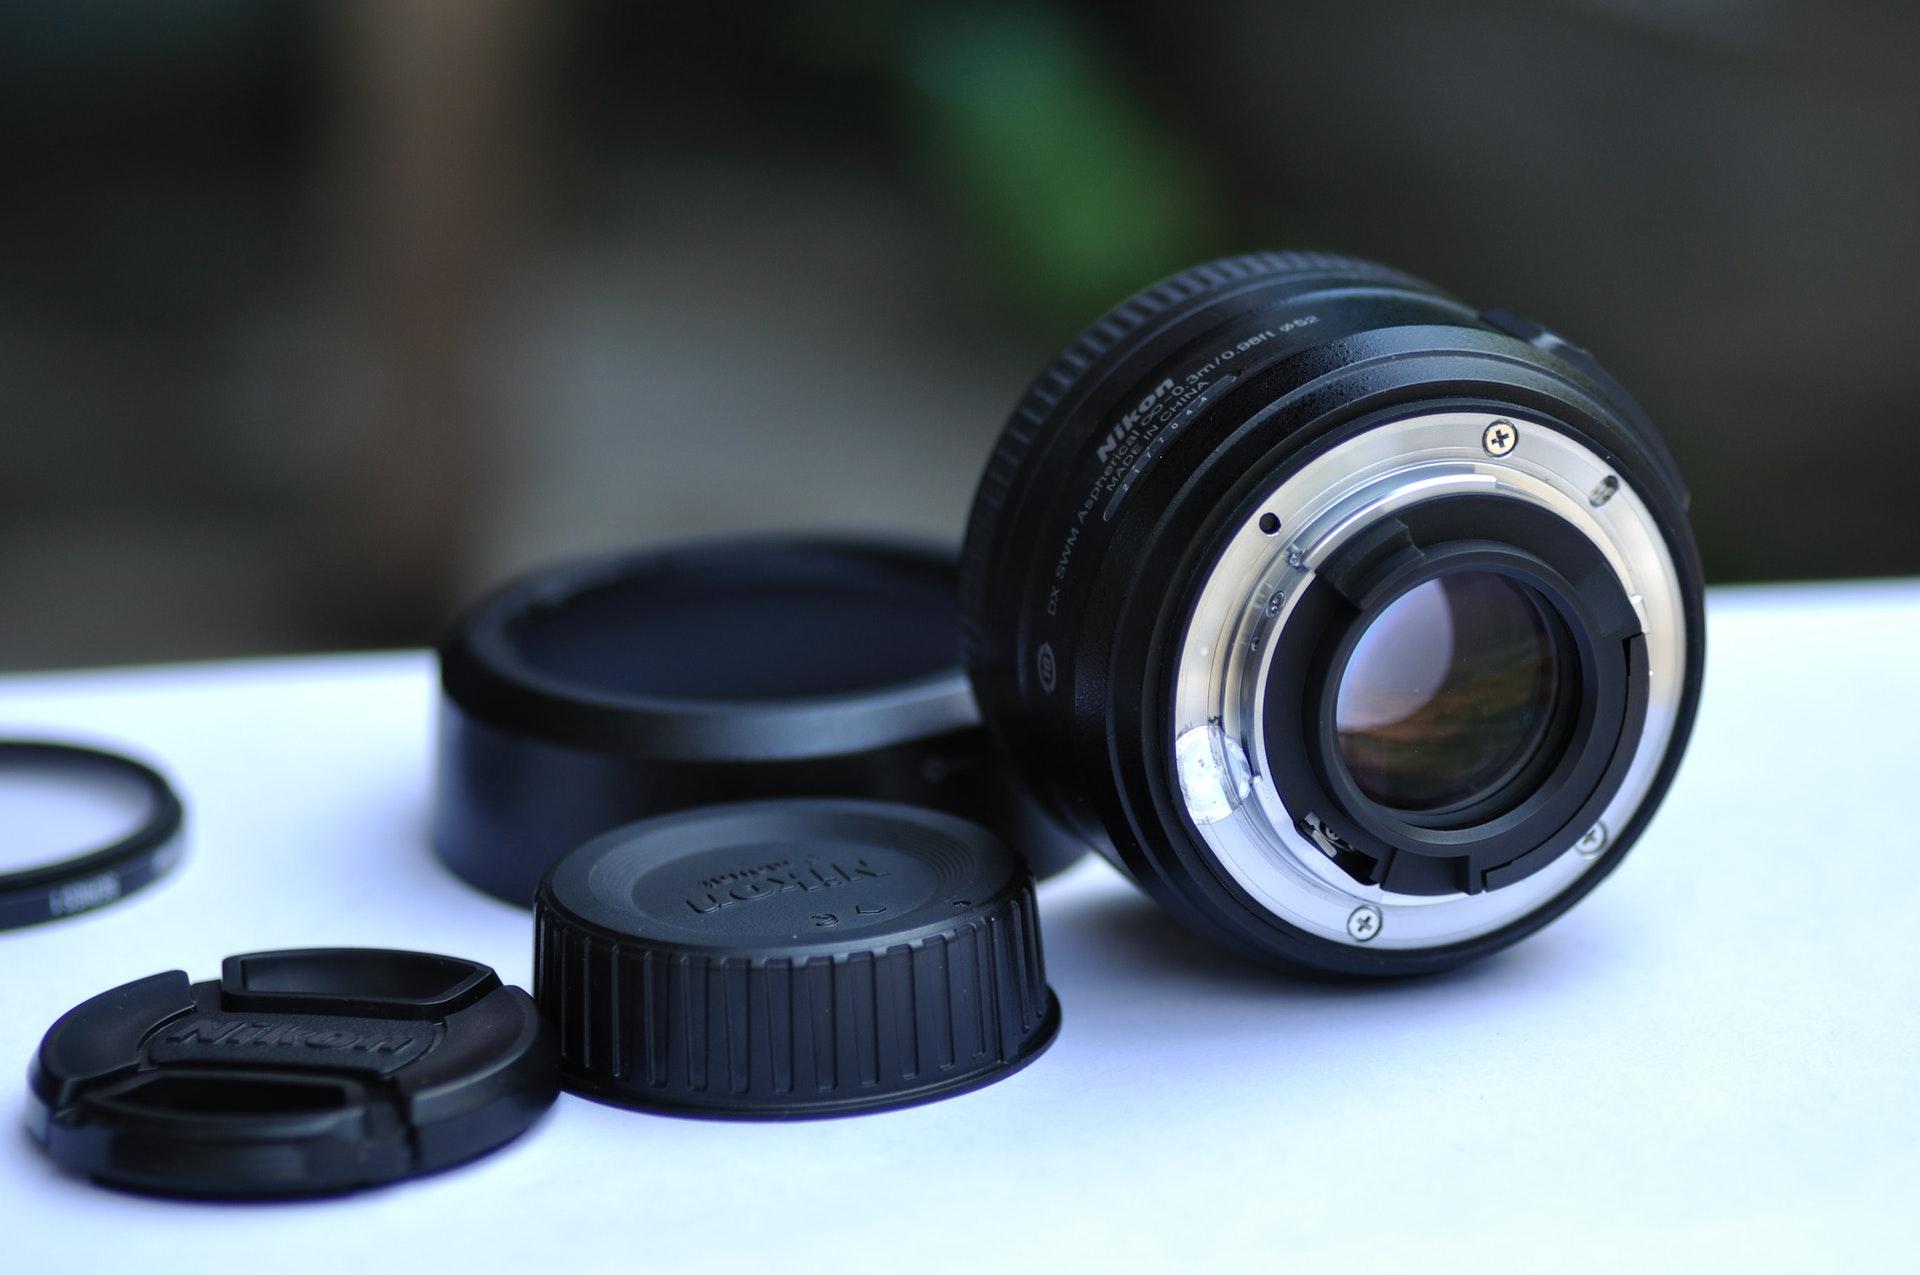 tipos_de_adaptadores_lente_melhor_lente_adaptador_amoserfotografo_fotografo_iniciante